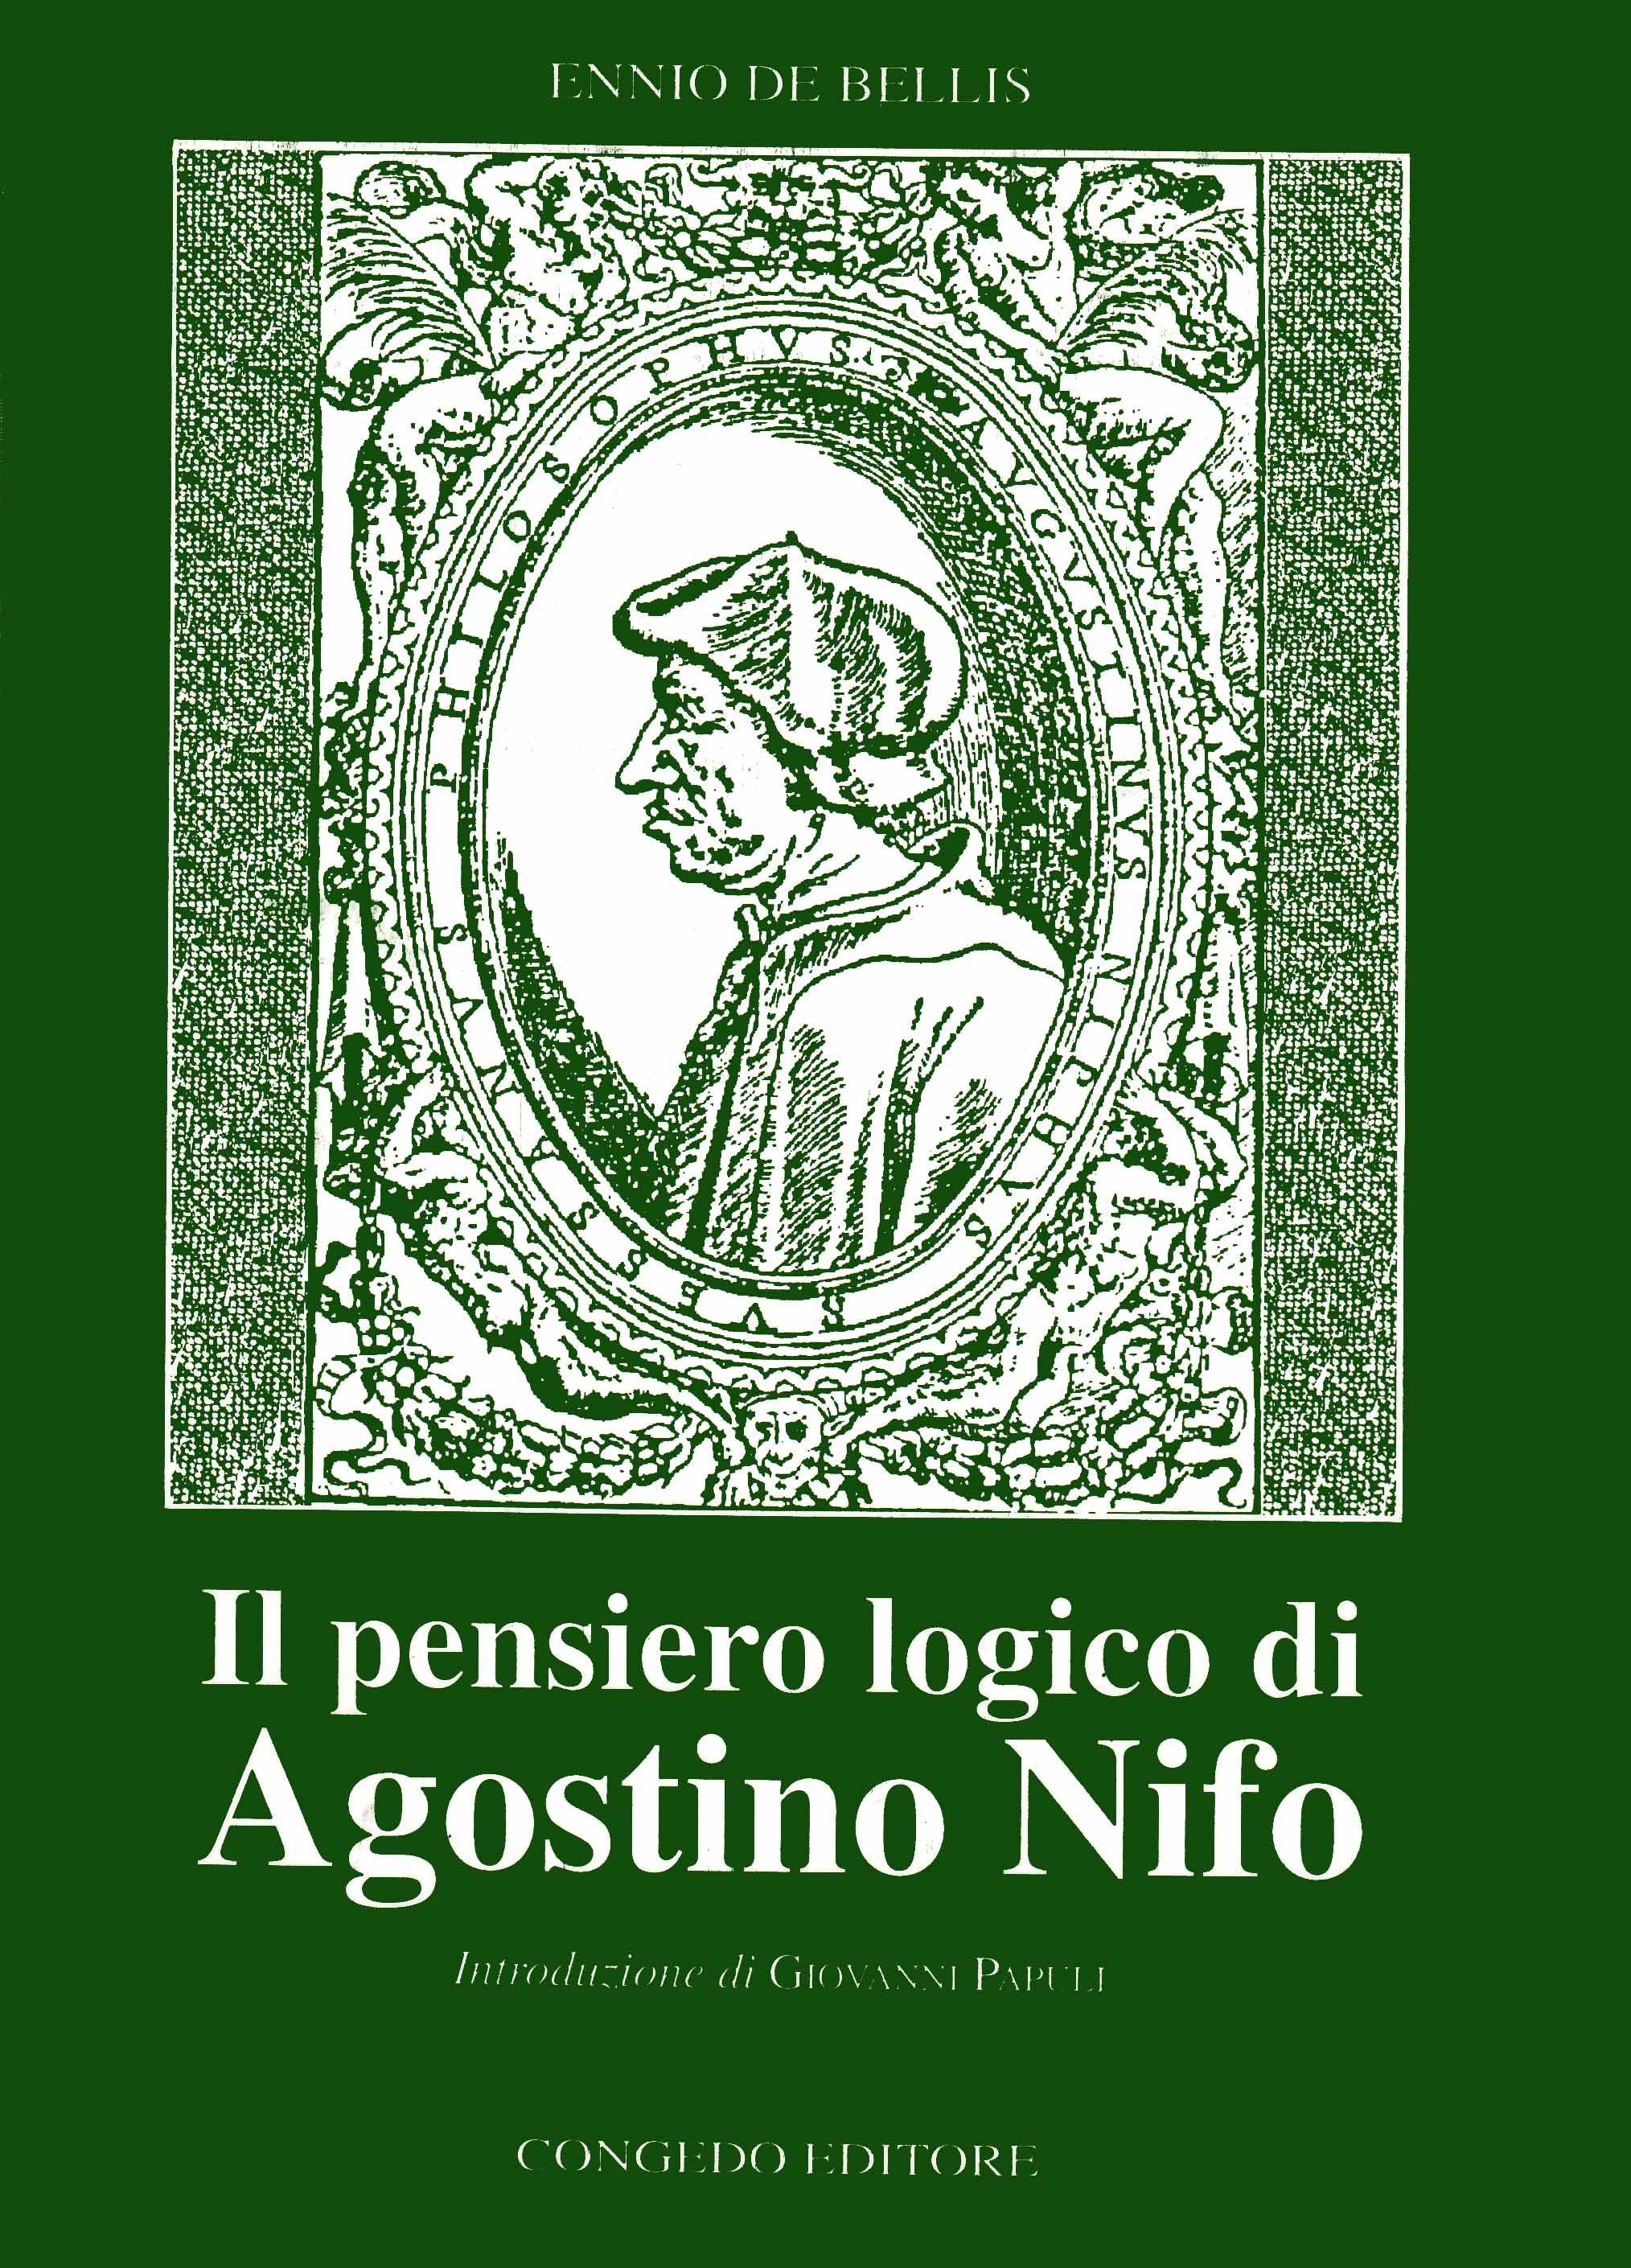 Il pensiero logico di Agostino Nifo